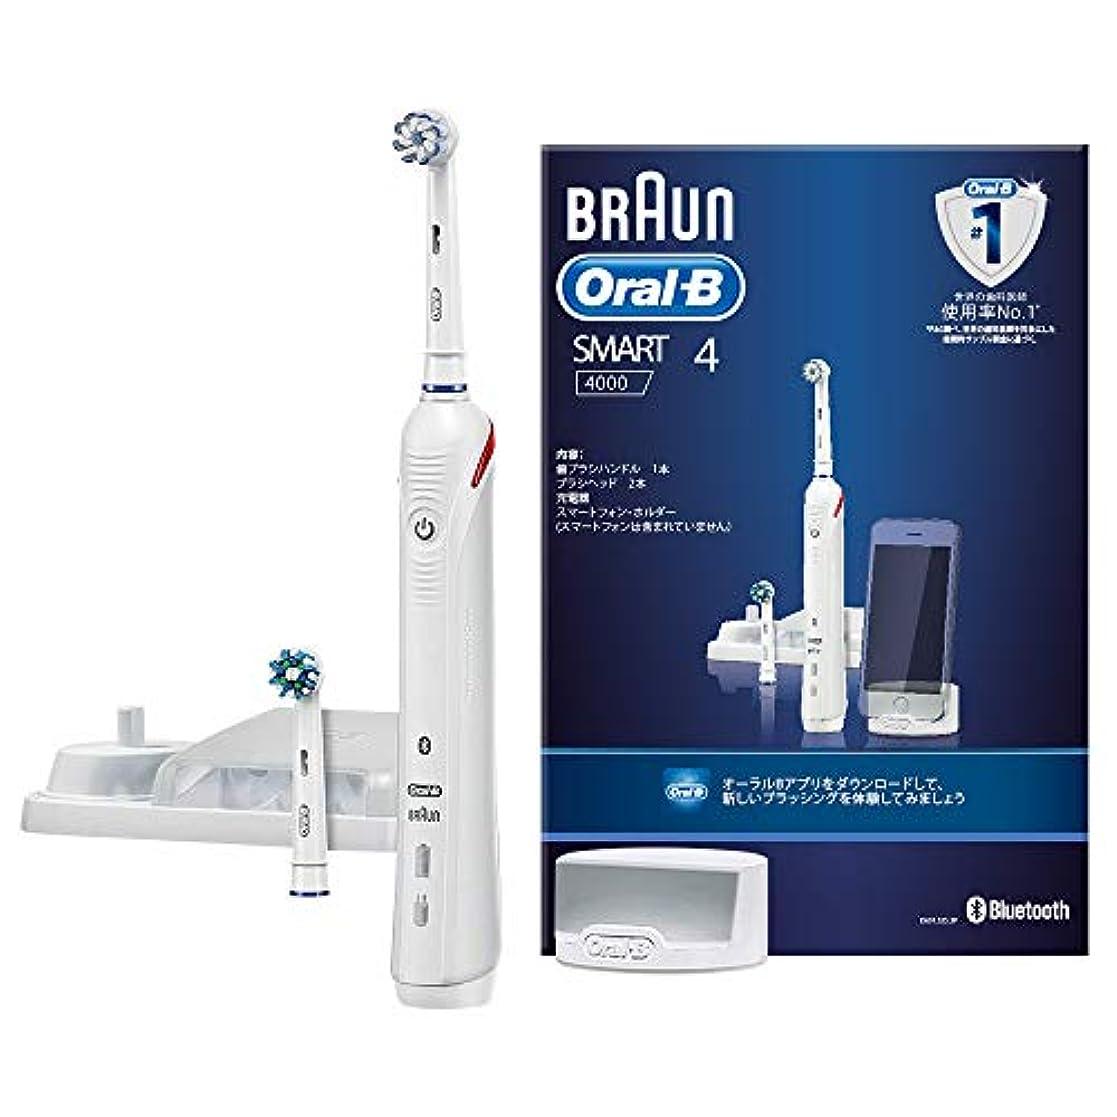 罰賢明なポテトブラウン オーラルB 電動歯ブラシ スマート4000 D6015253P